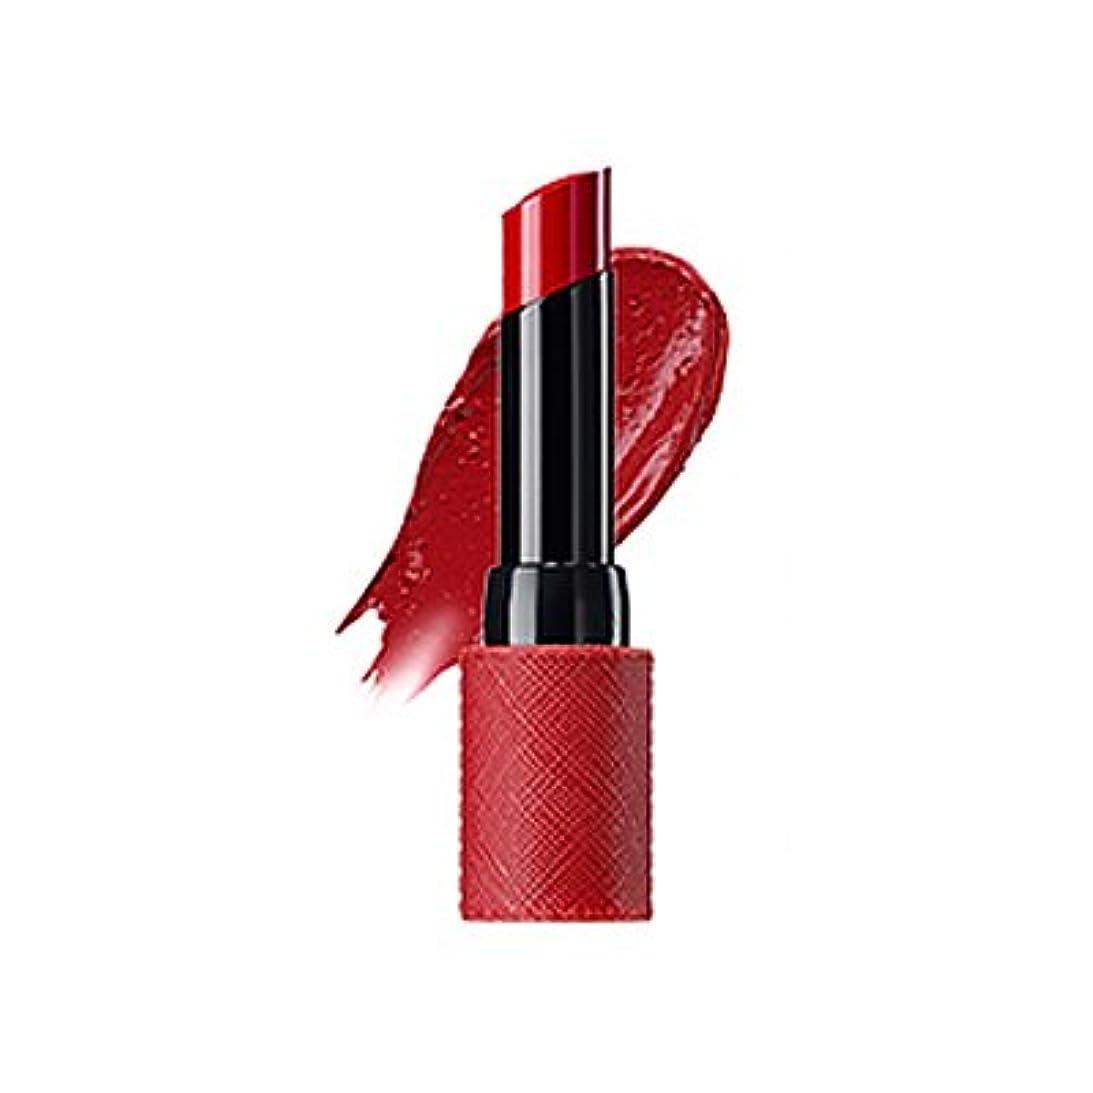 ブラウズ染色エンターテインメントThe Saem Kissholic Lipstick S(RD02 Red Velvet) ザセムキスホリックリップスティック S [並行輸入品]